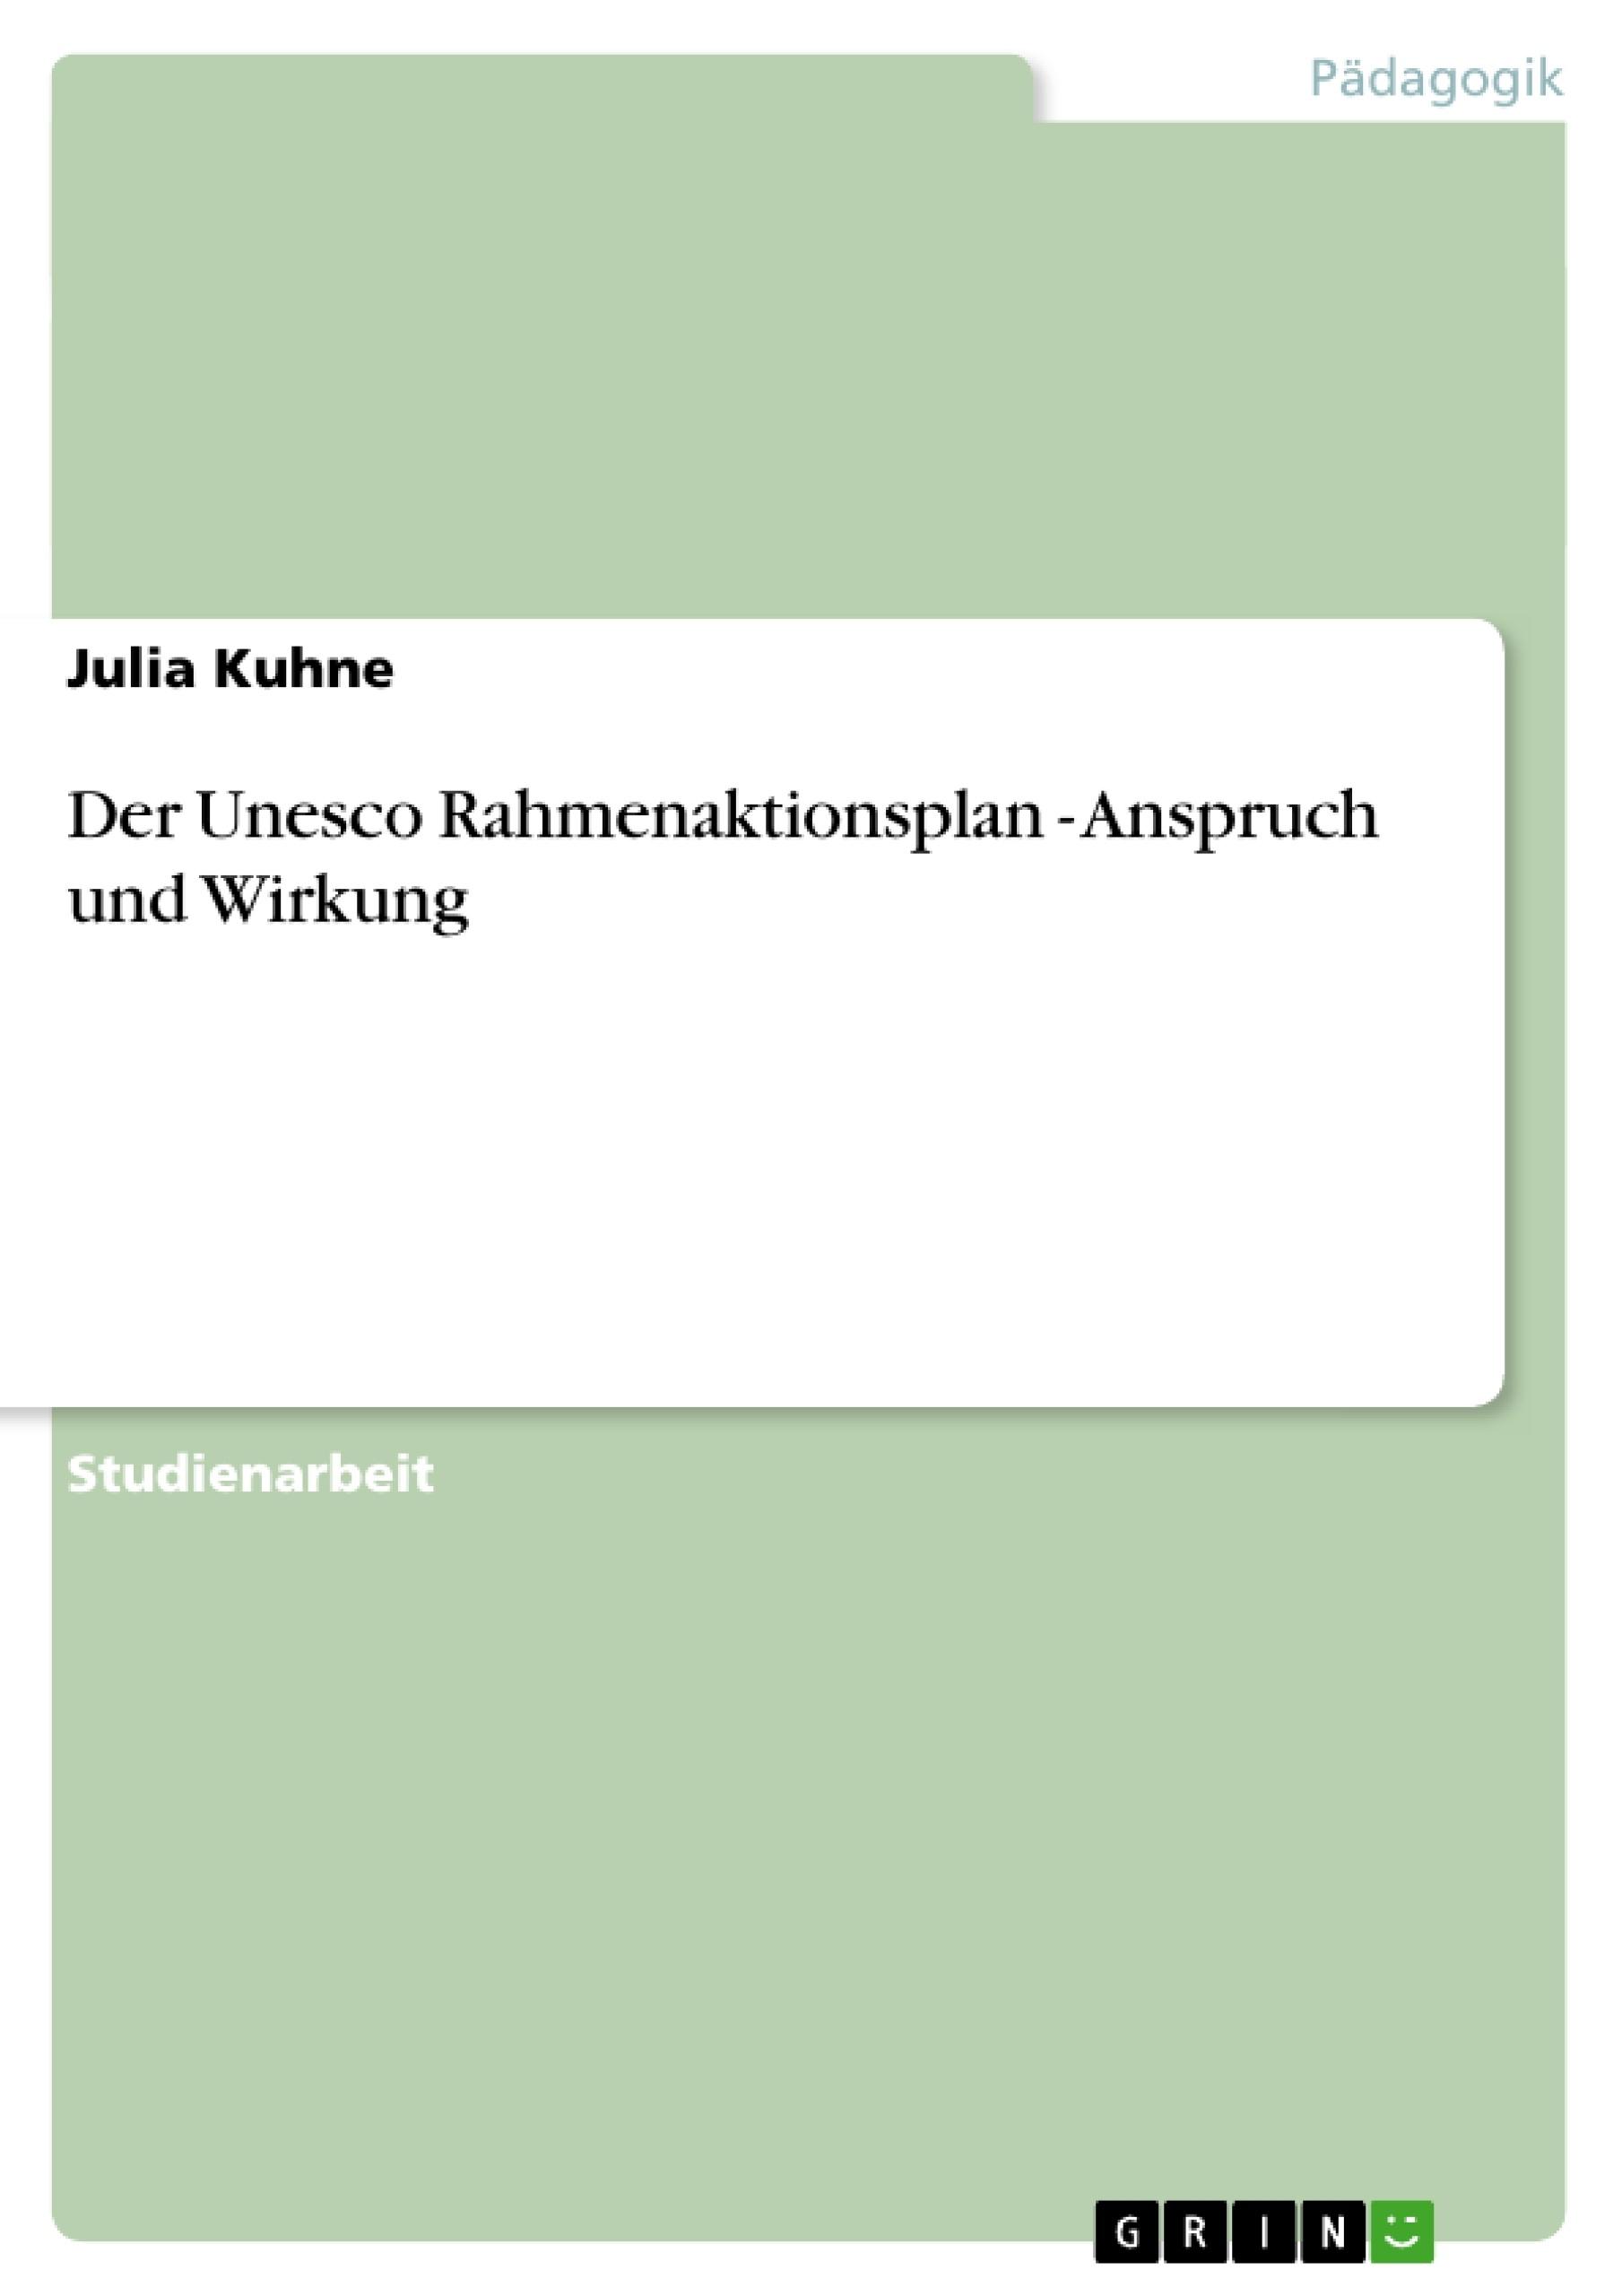 Titel: Der Unesco Rahmenaktionsplan - Anspruch und Wirkung